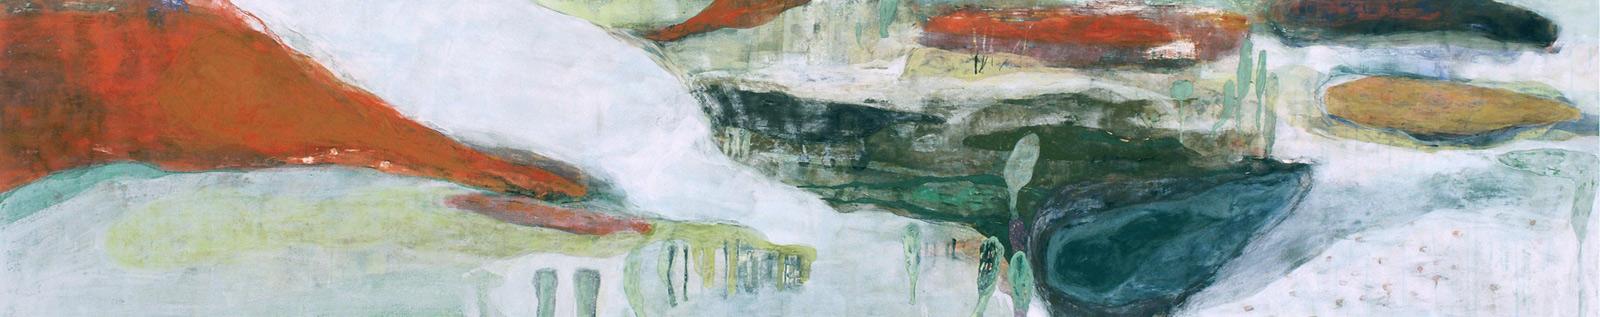 「湿原のうみ」 60×285 cm 麻紙・岩絵具 2006年